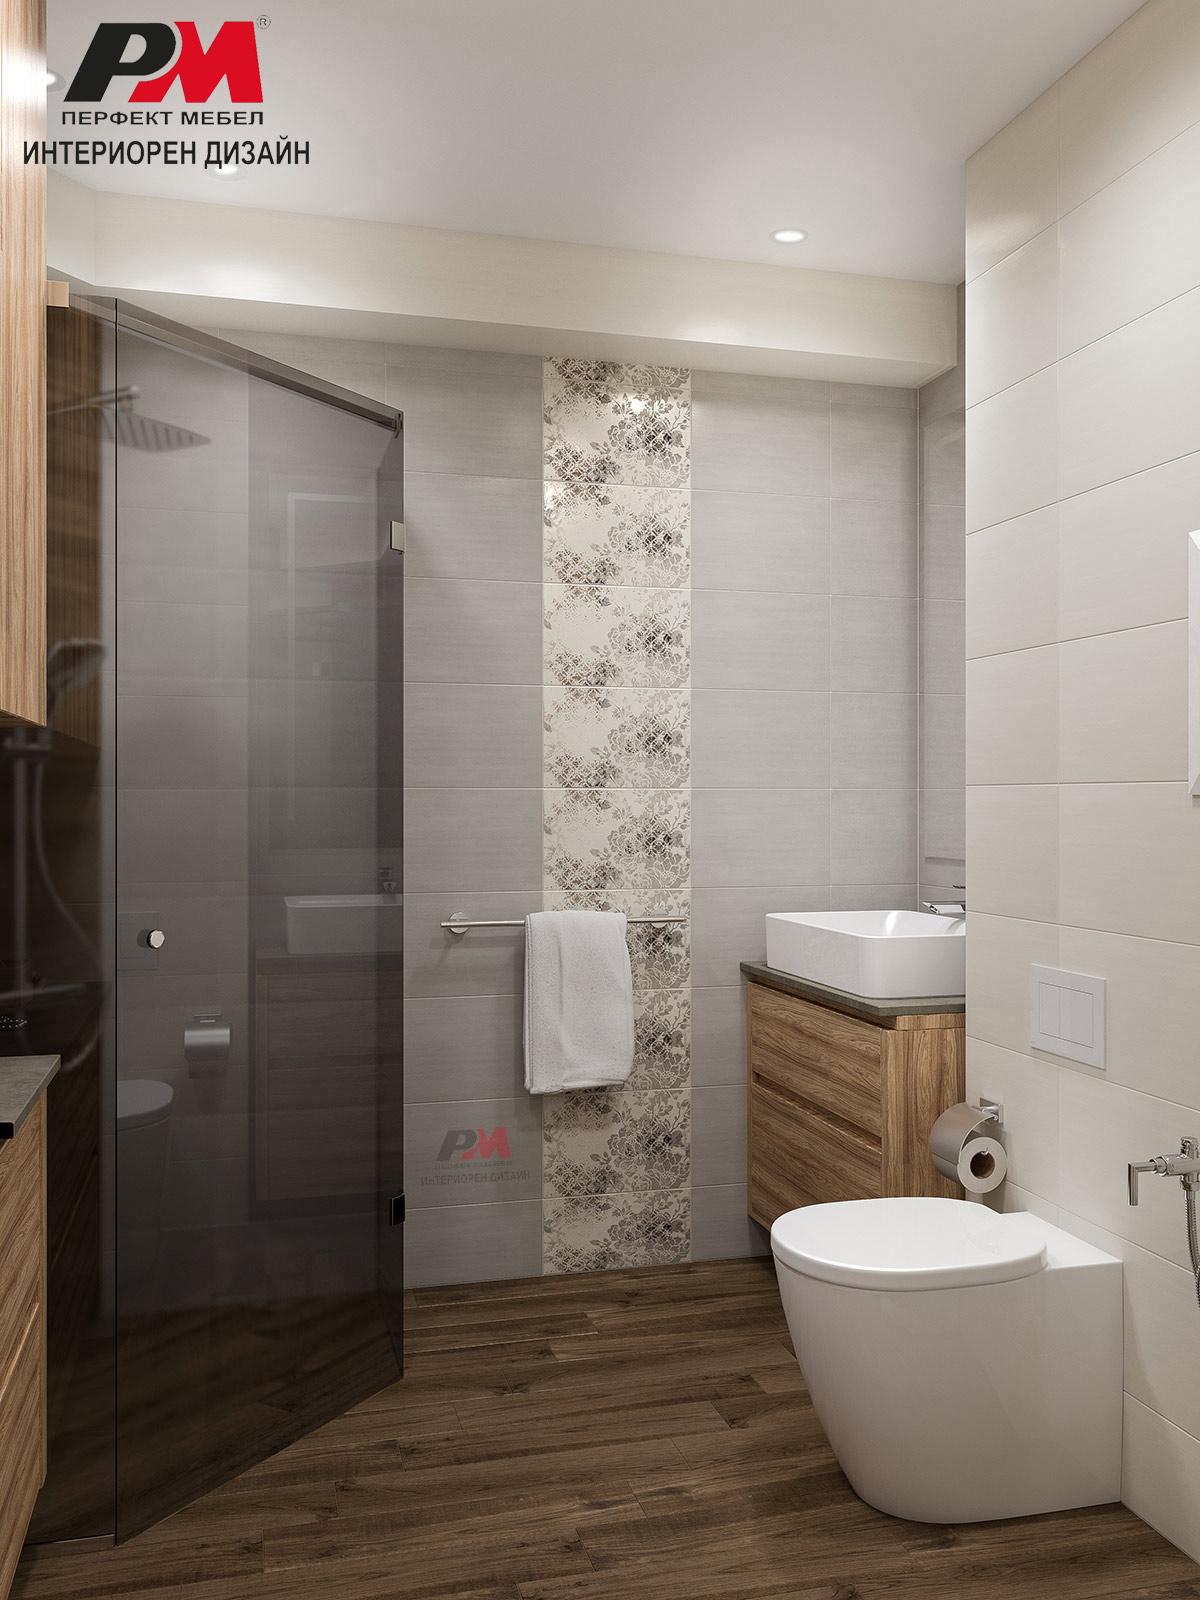 Функционалност и красова в малка градска баня